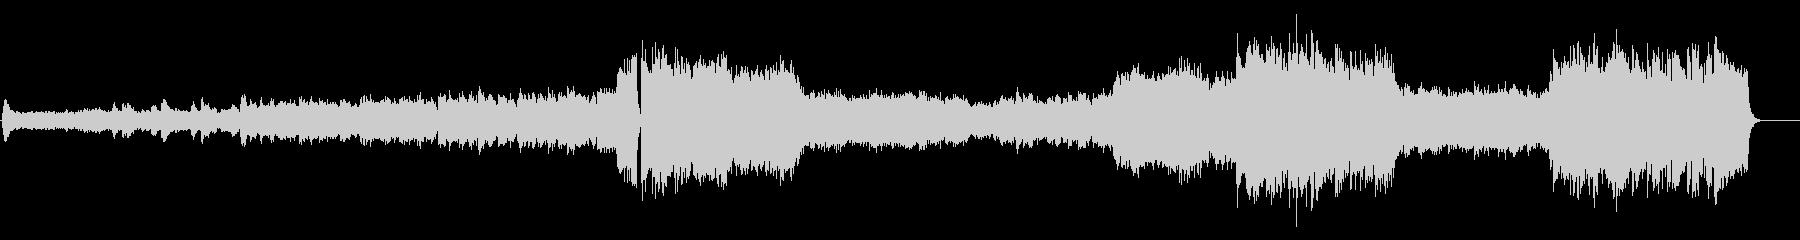 高揚する映画音楽風オーケストラ・サウンドの未再生の波形